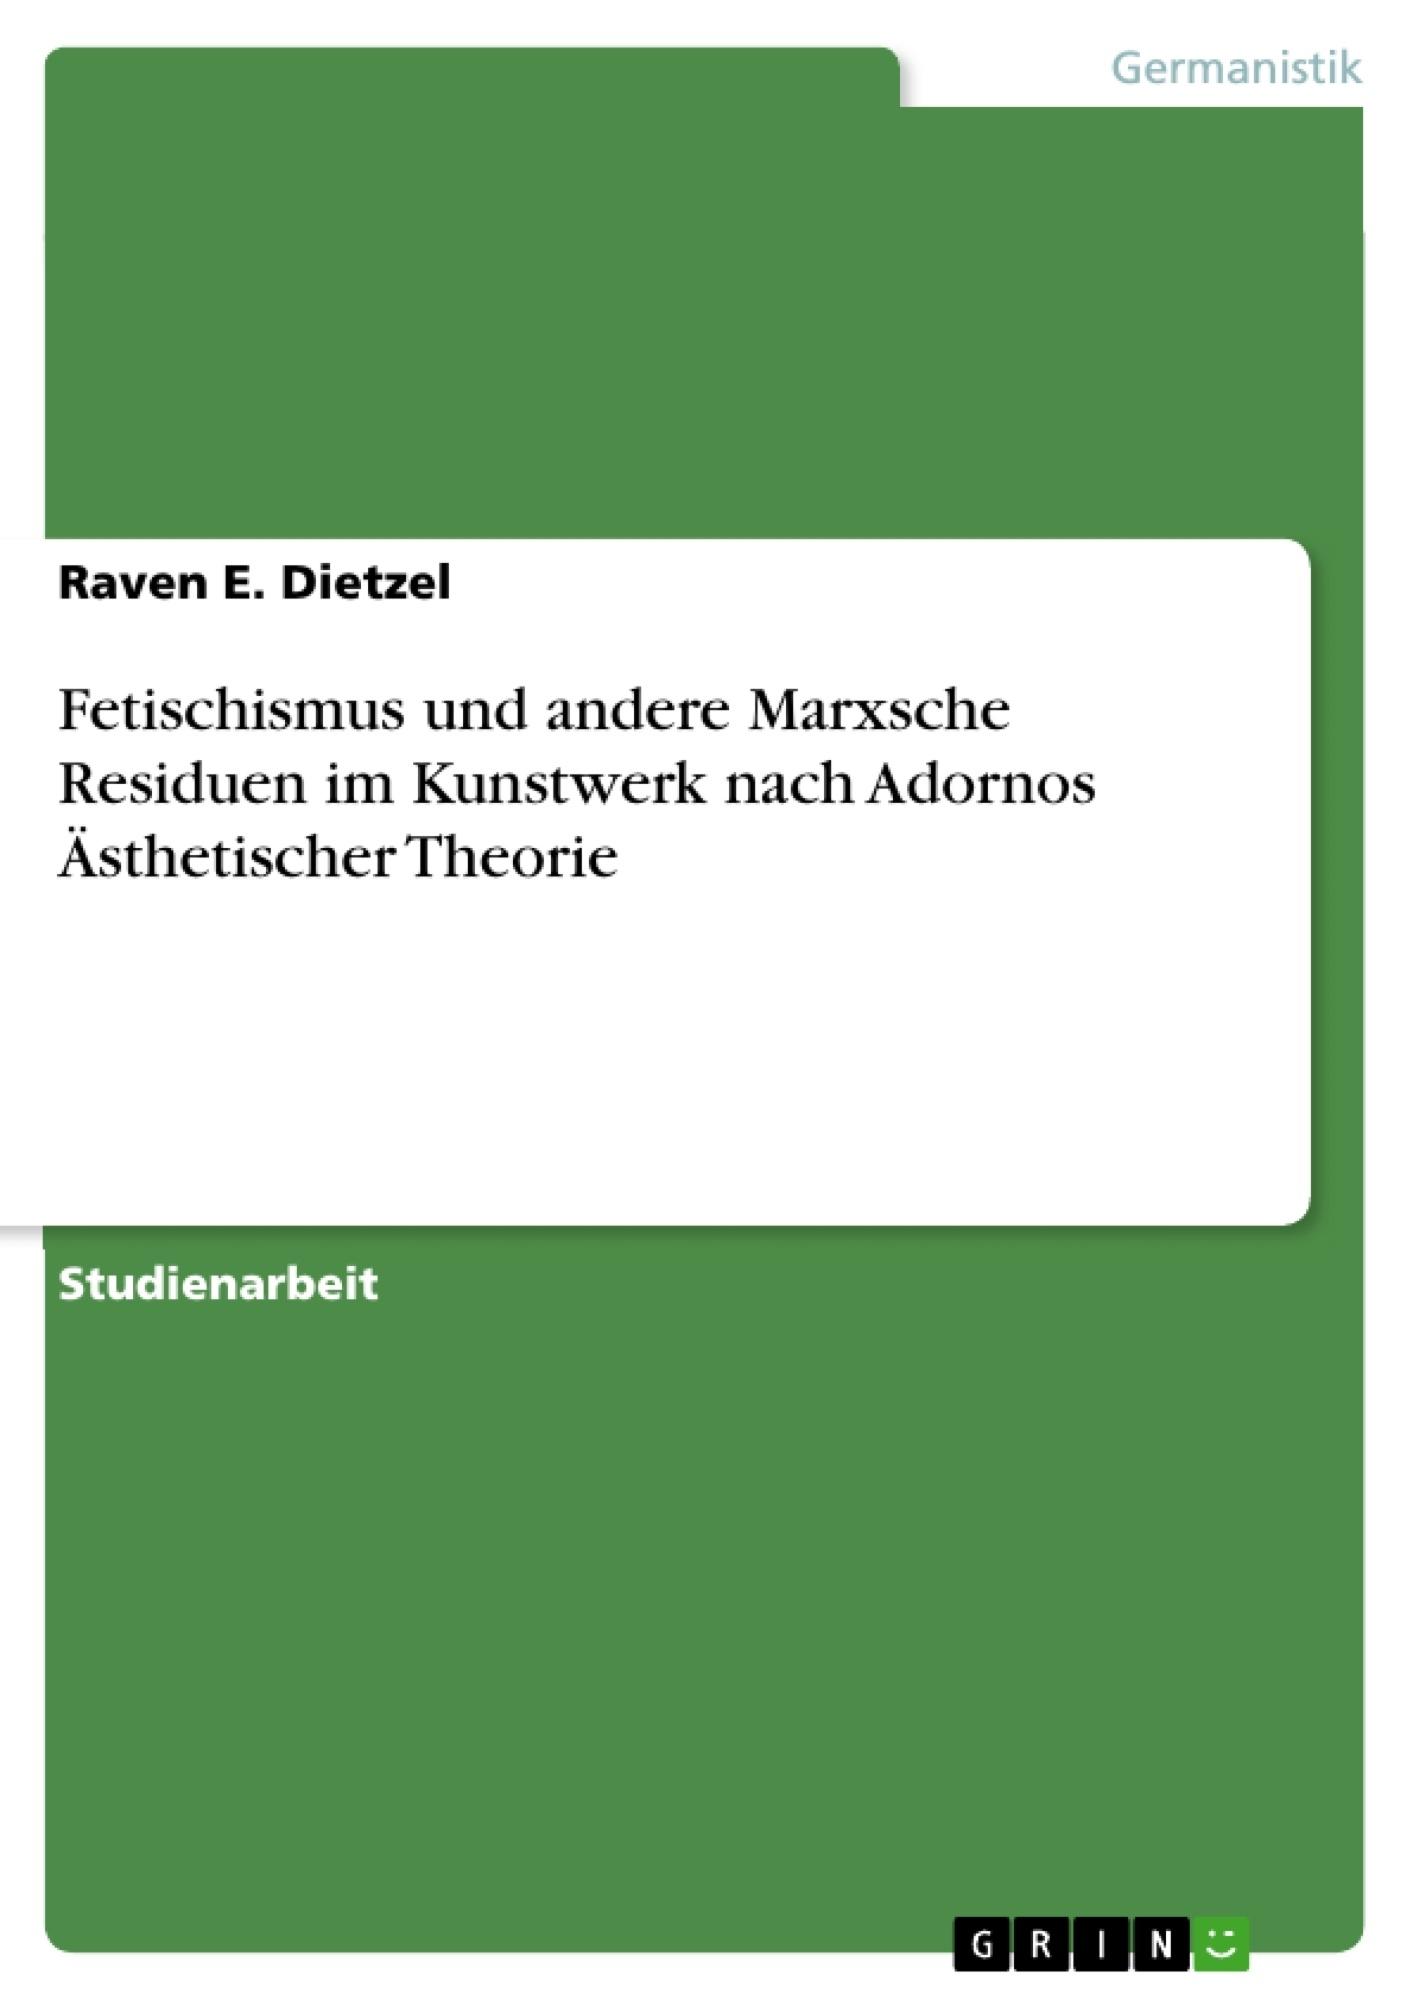 Titel: Fetischismus und andere Marxsche Residuen im Kunstwerk nach Adornos Ästhetischer Theorie